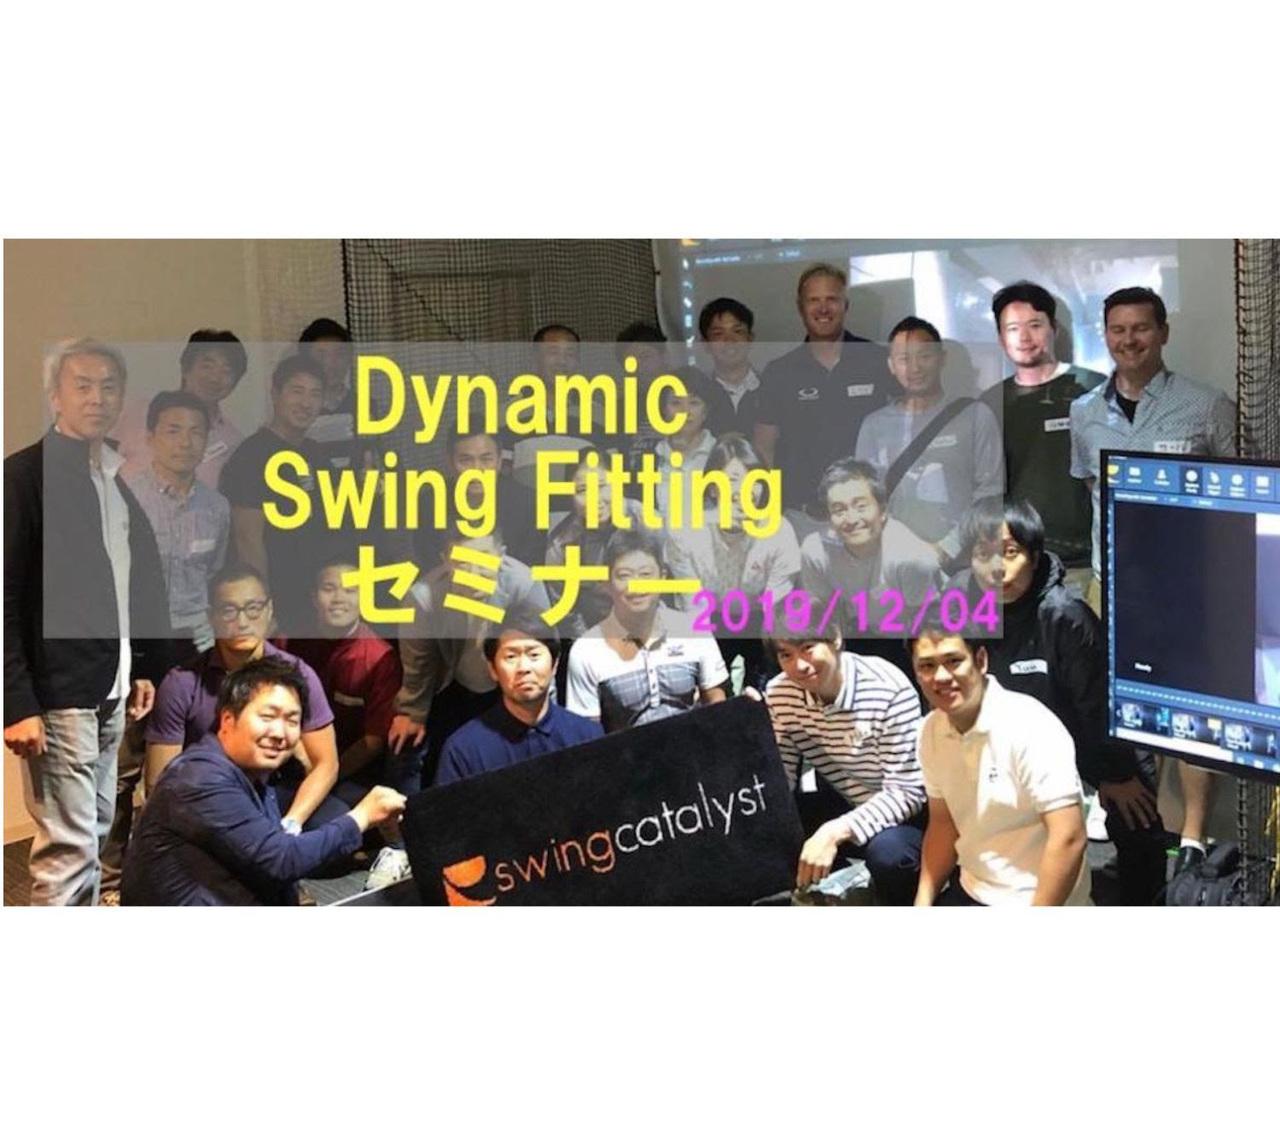 満員御礼!!!:Swing Catalyst セミナー12月4日 ダイナミック スイングフィッティングを学ぶ@東京赤坂